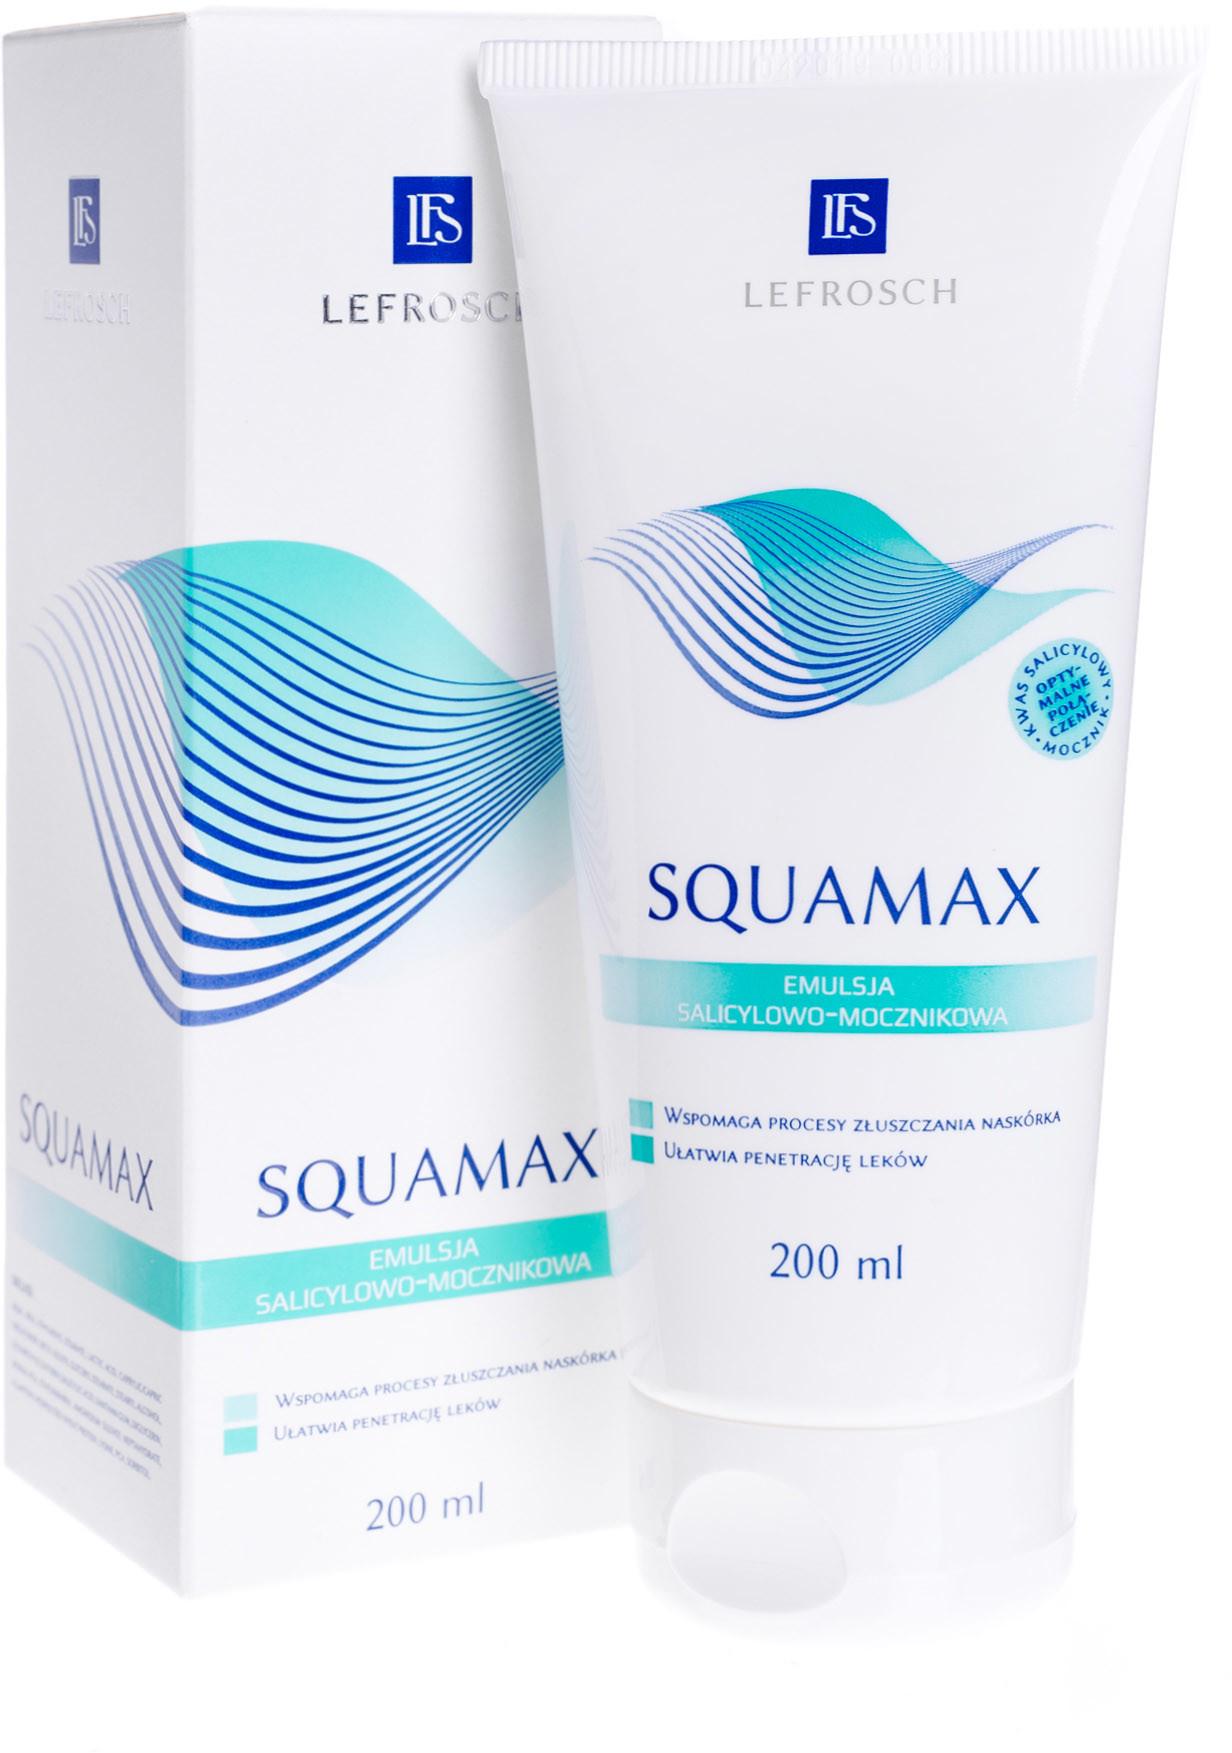 Lefrosch Squamax Emulsja złuszczająco - nawilżająca 200ml